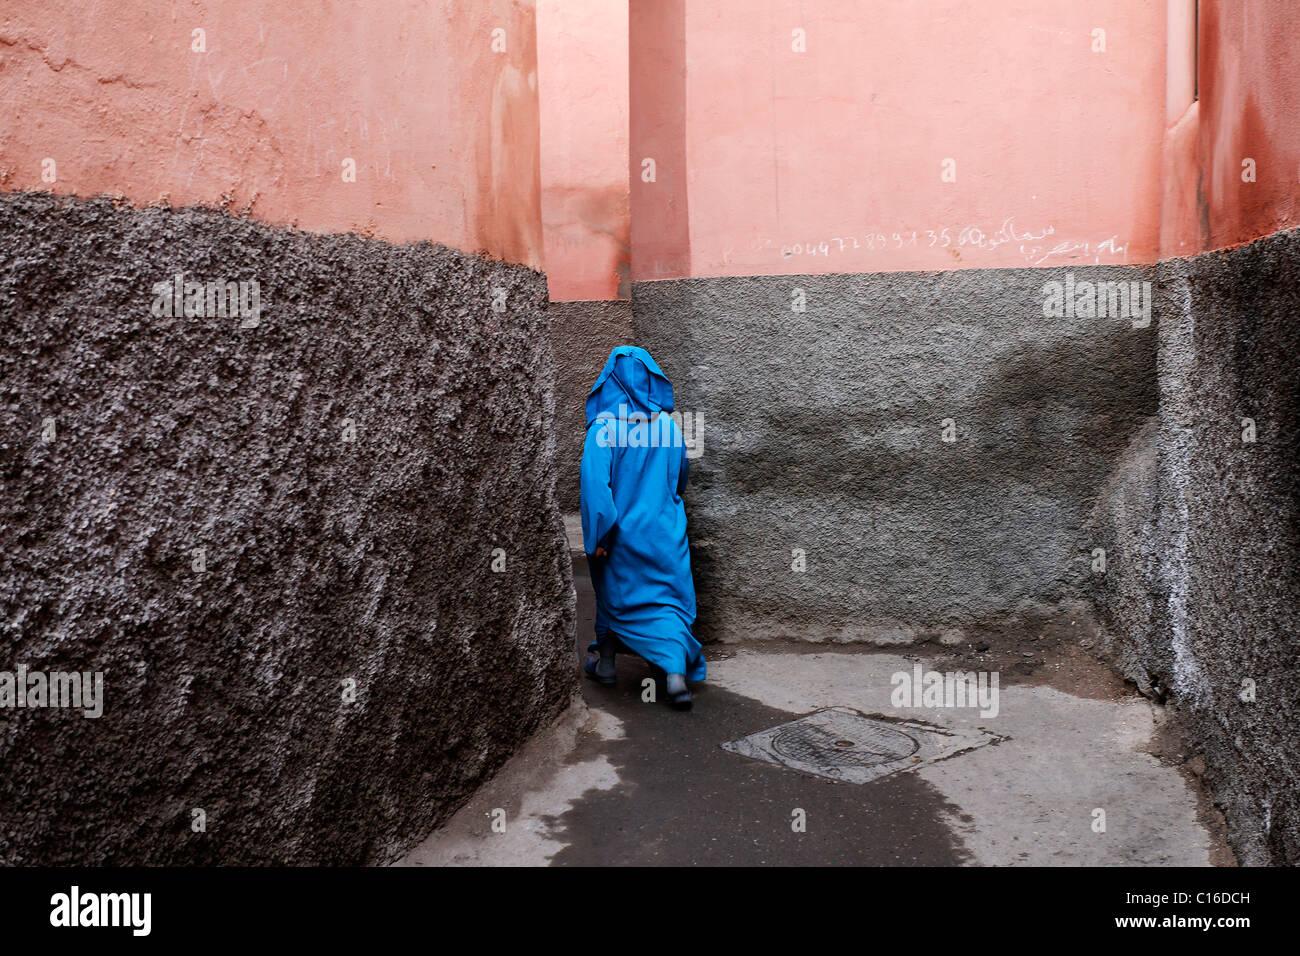 Frau, gehüllt in einen leichten blauen Jellaba verschwinden auf mysteriöse Weise auf einer engen Gasse, Stockbild